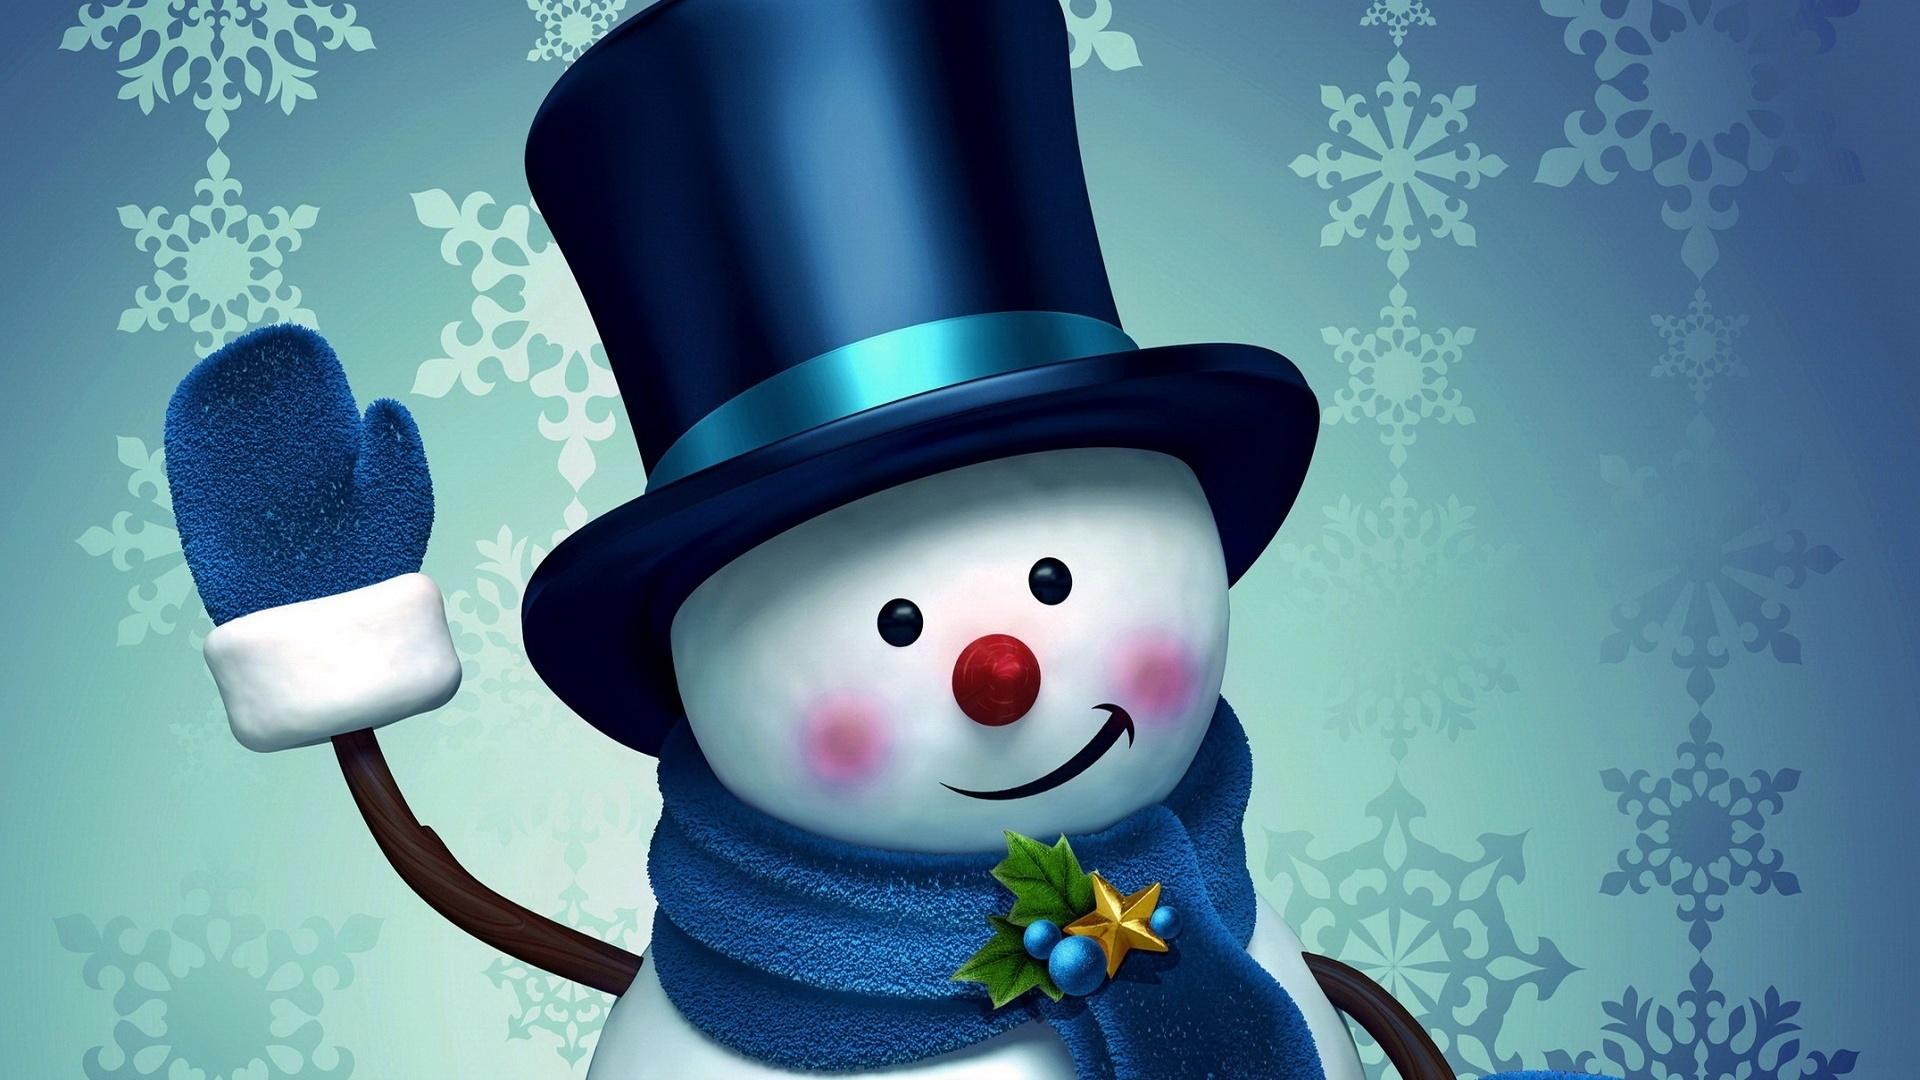 Картинки новогодние снеговики прикольные разные